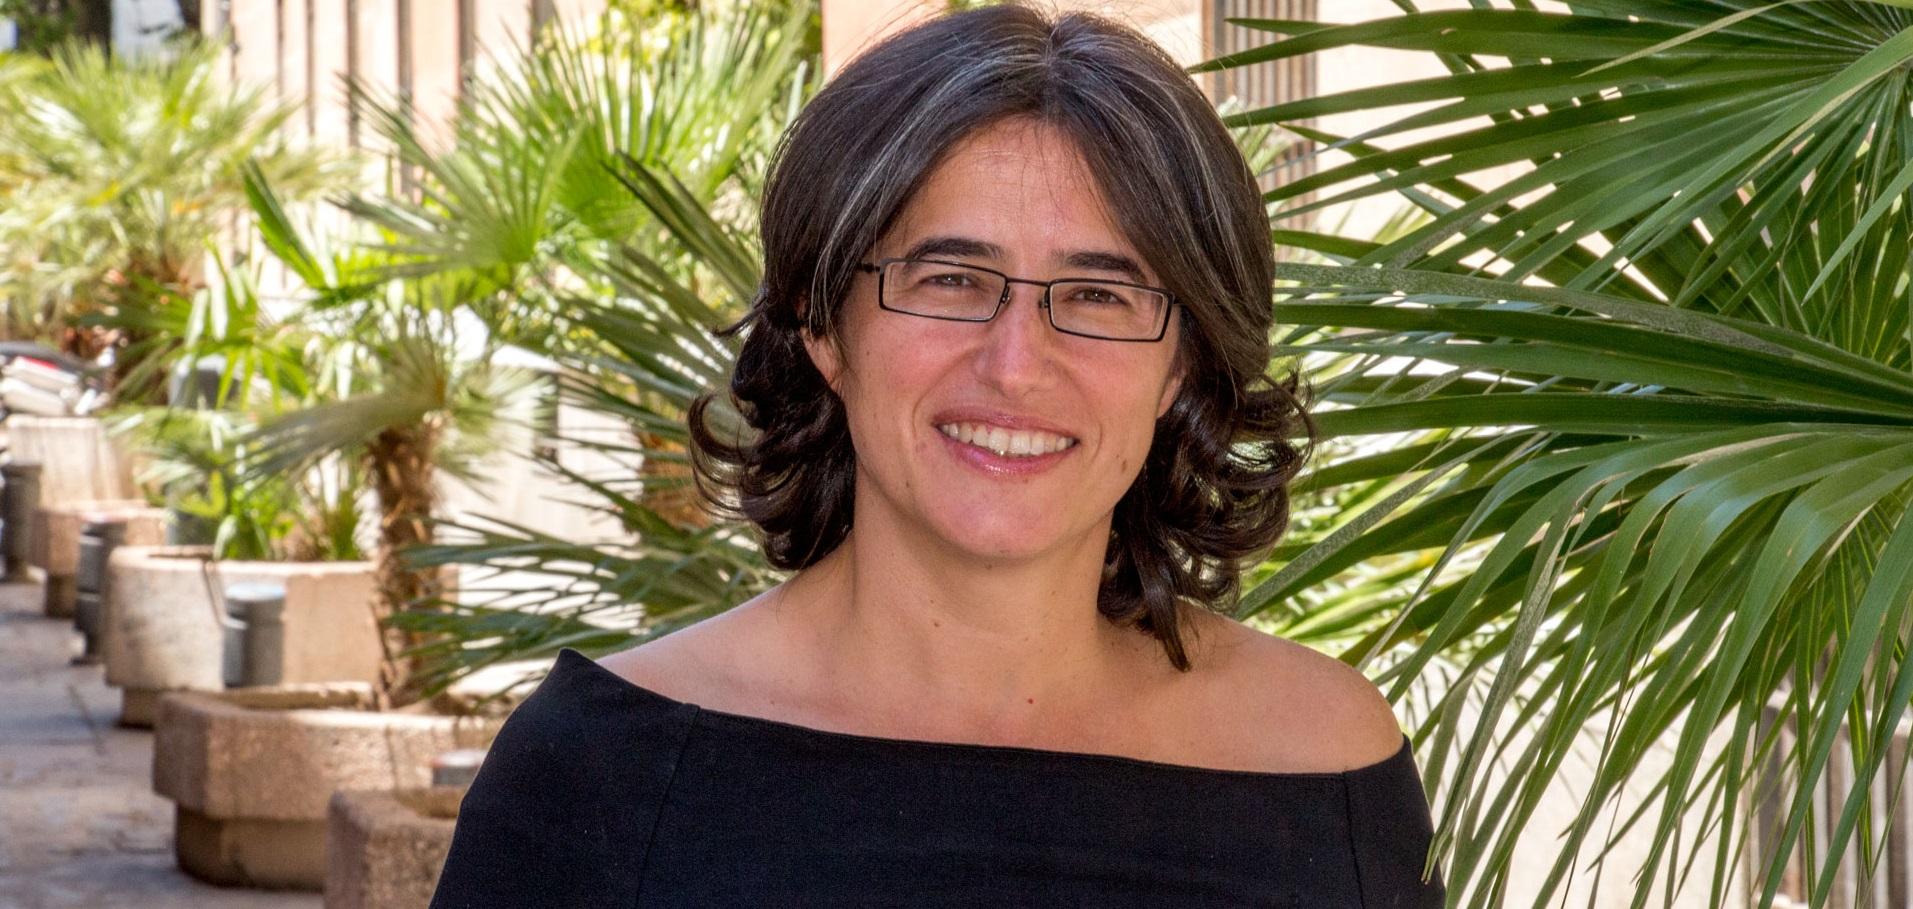 Belen_Arcones_002 Belén Arcones, Directora de IMF: